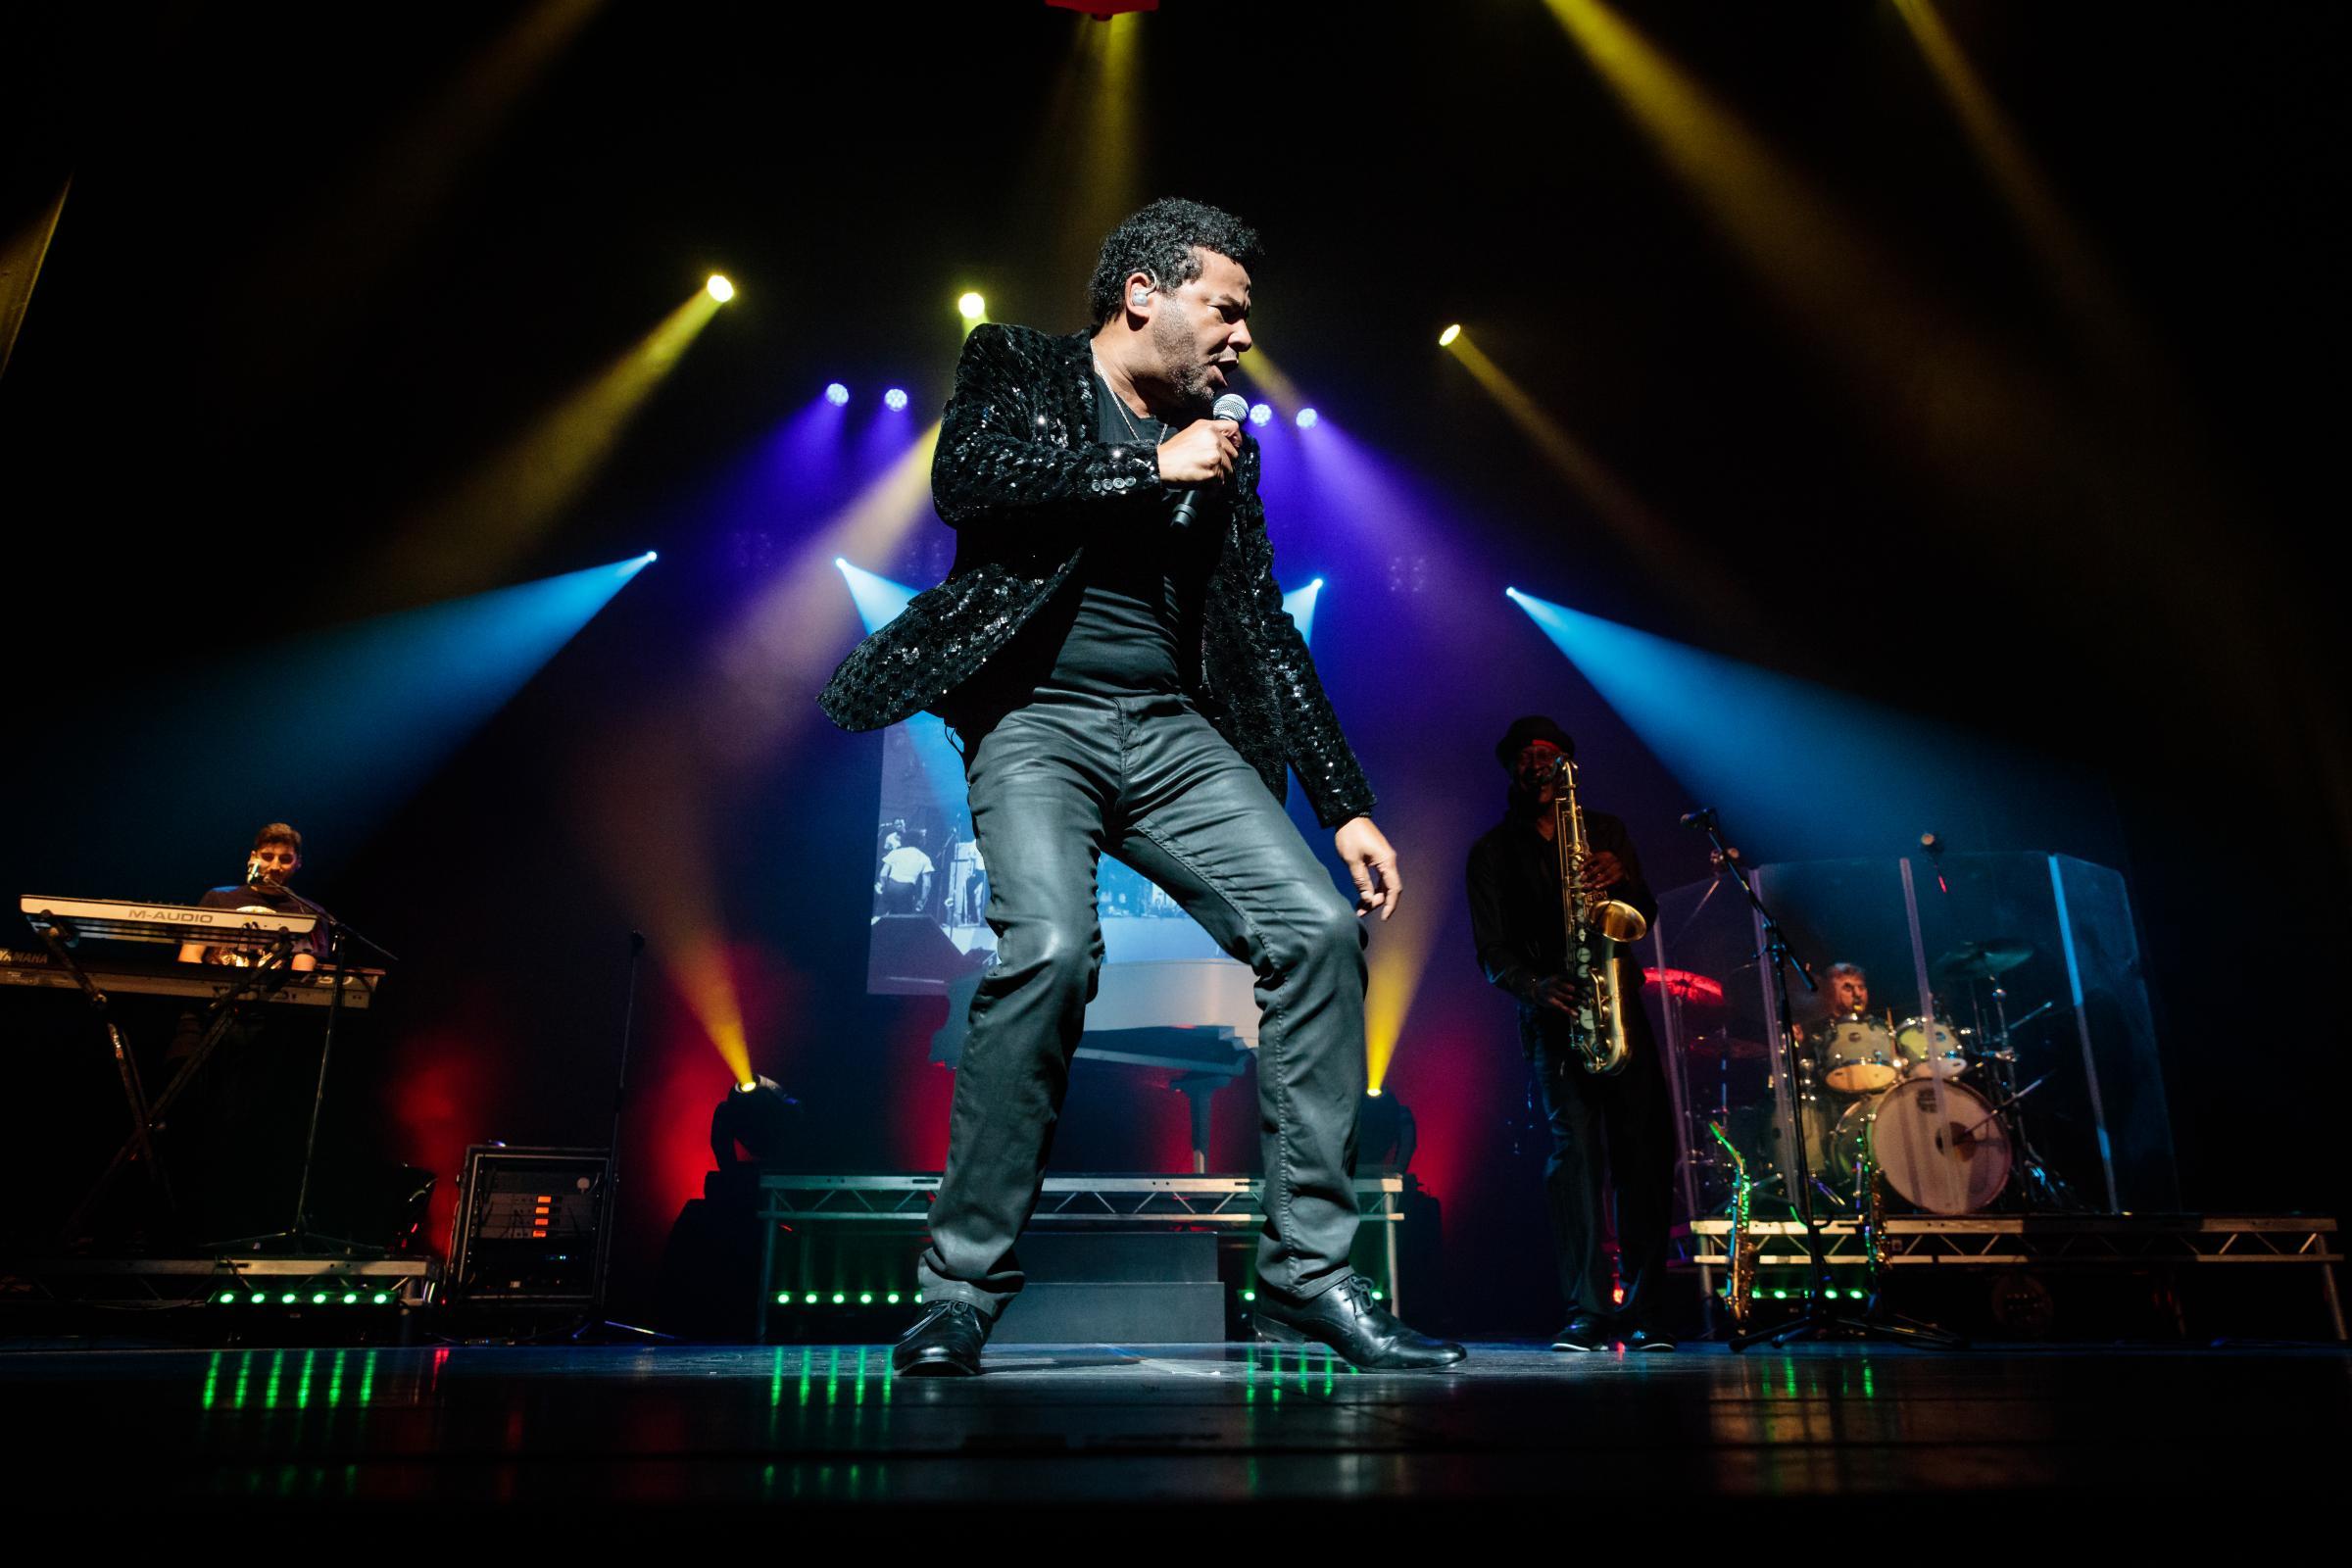 El público bailará 'toda la noche' mientras el tributo de Lionel llega a Blackburn